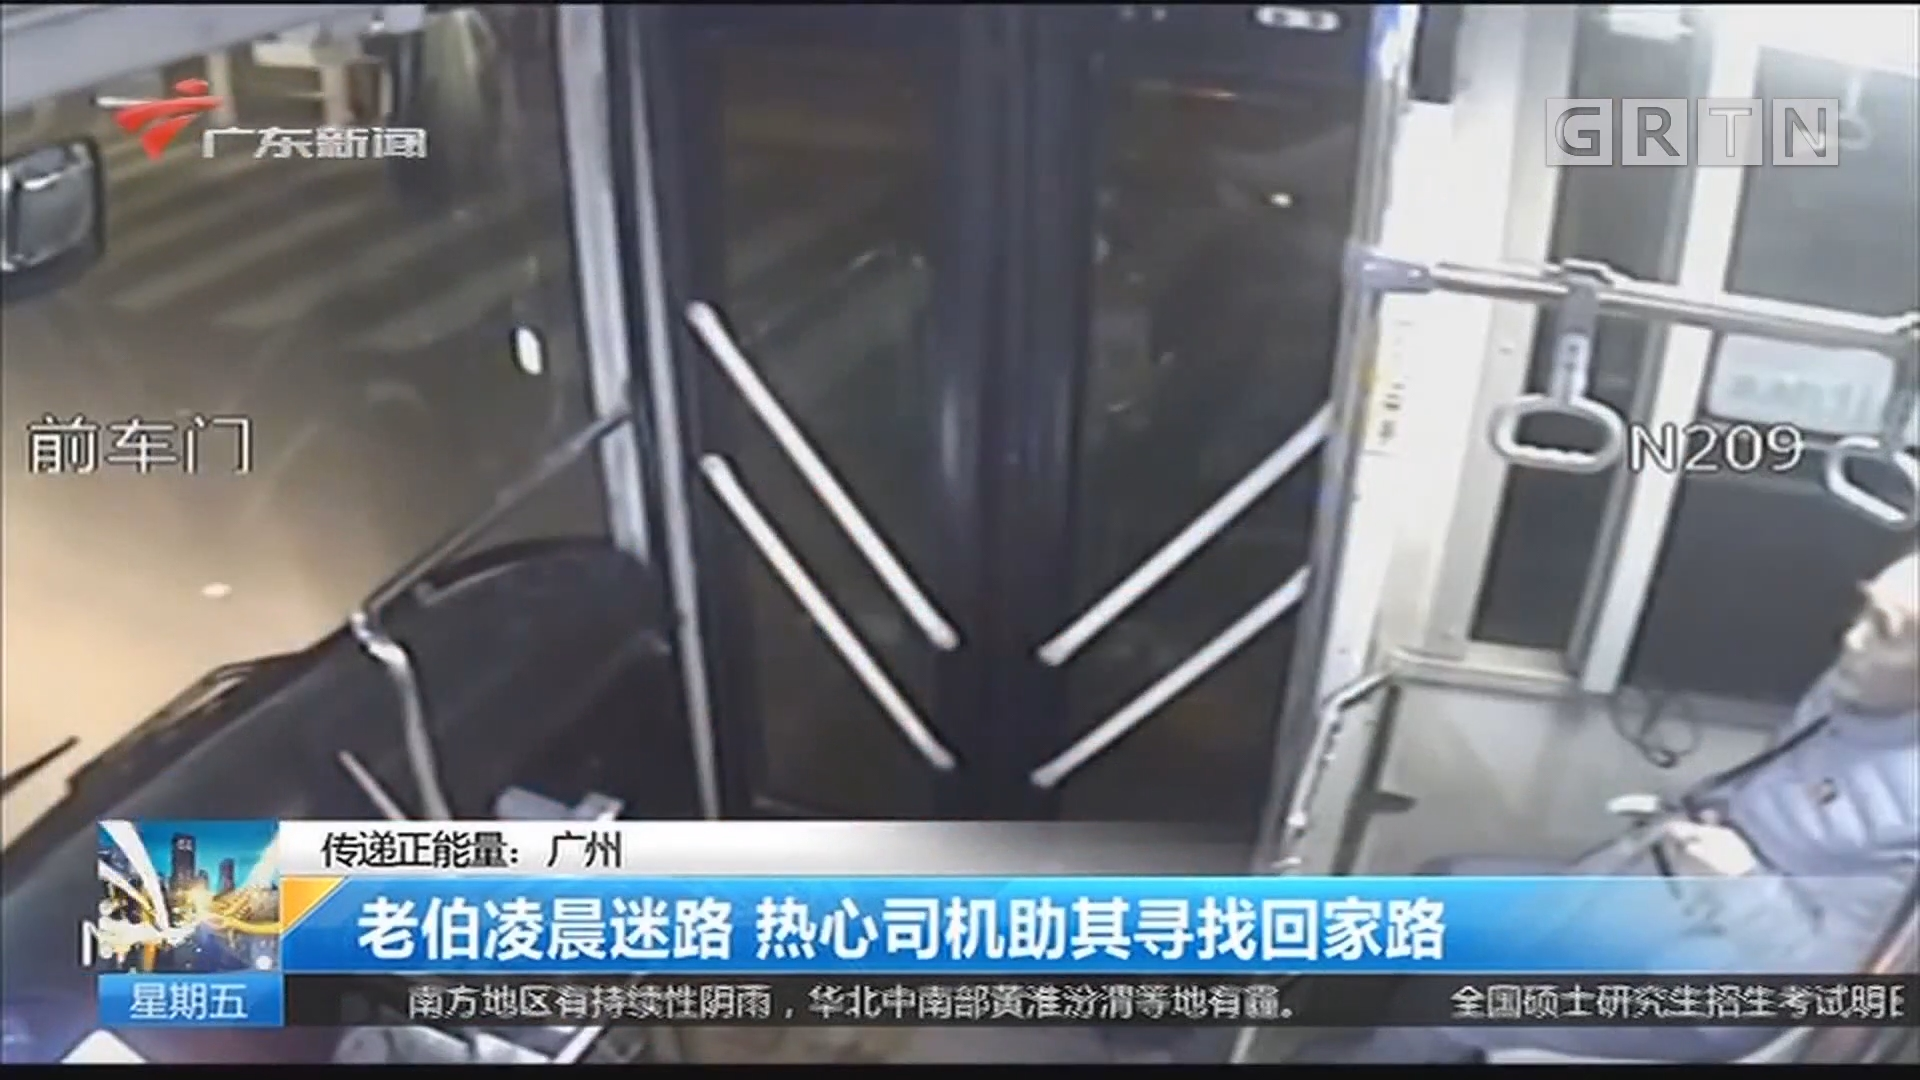 传递正能量:广州 老伯凌晨迷路 热心司机助其寻找回家路